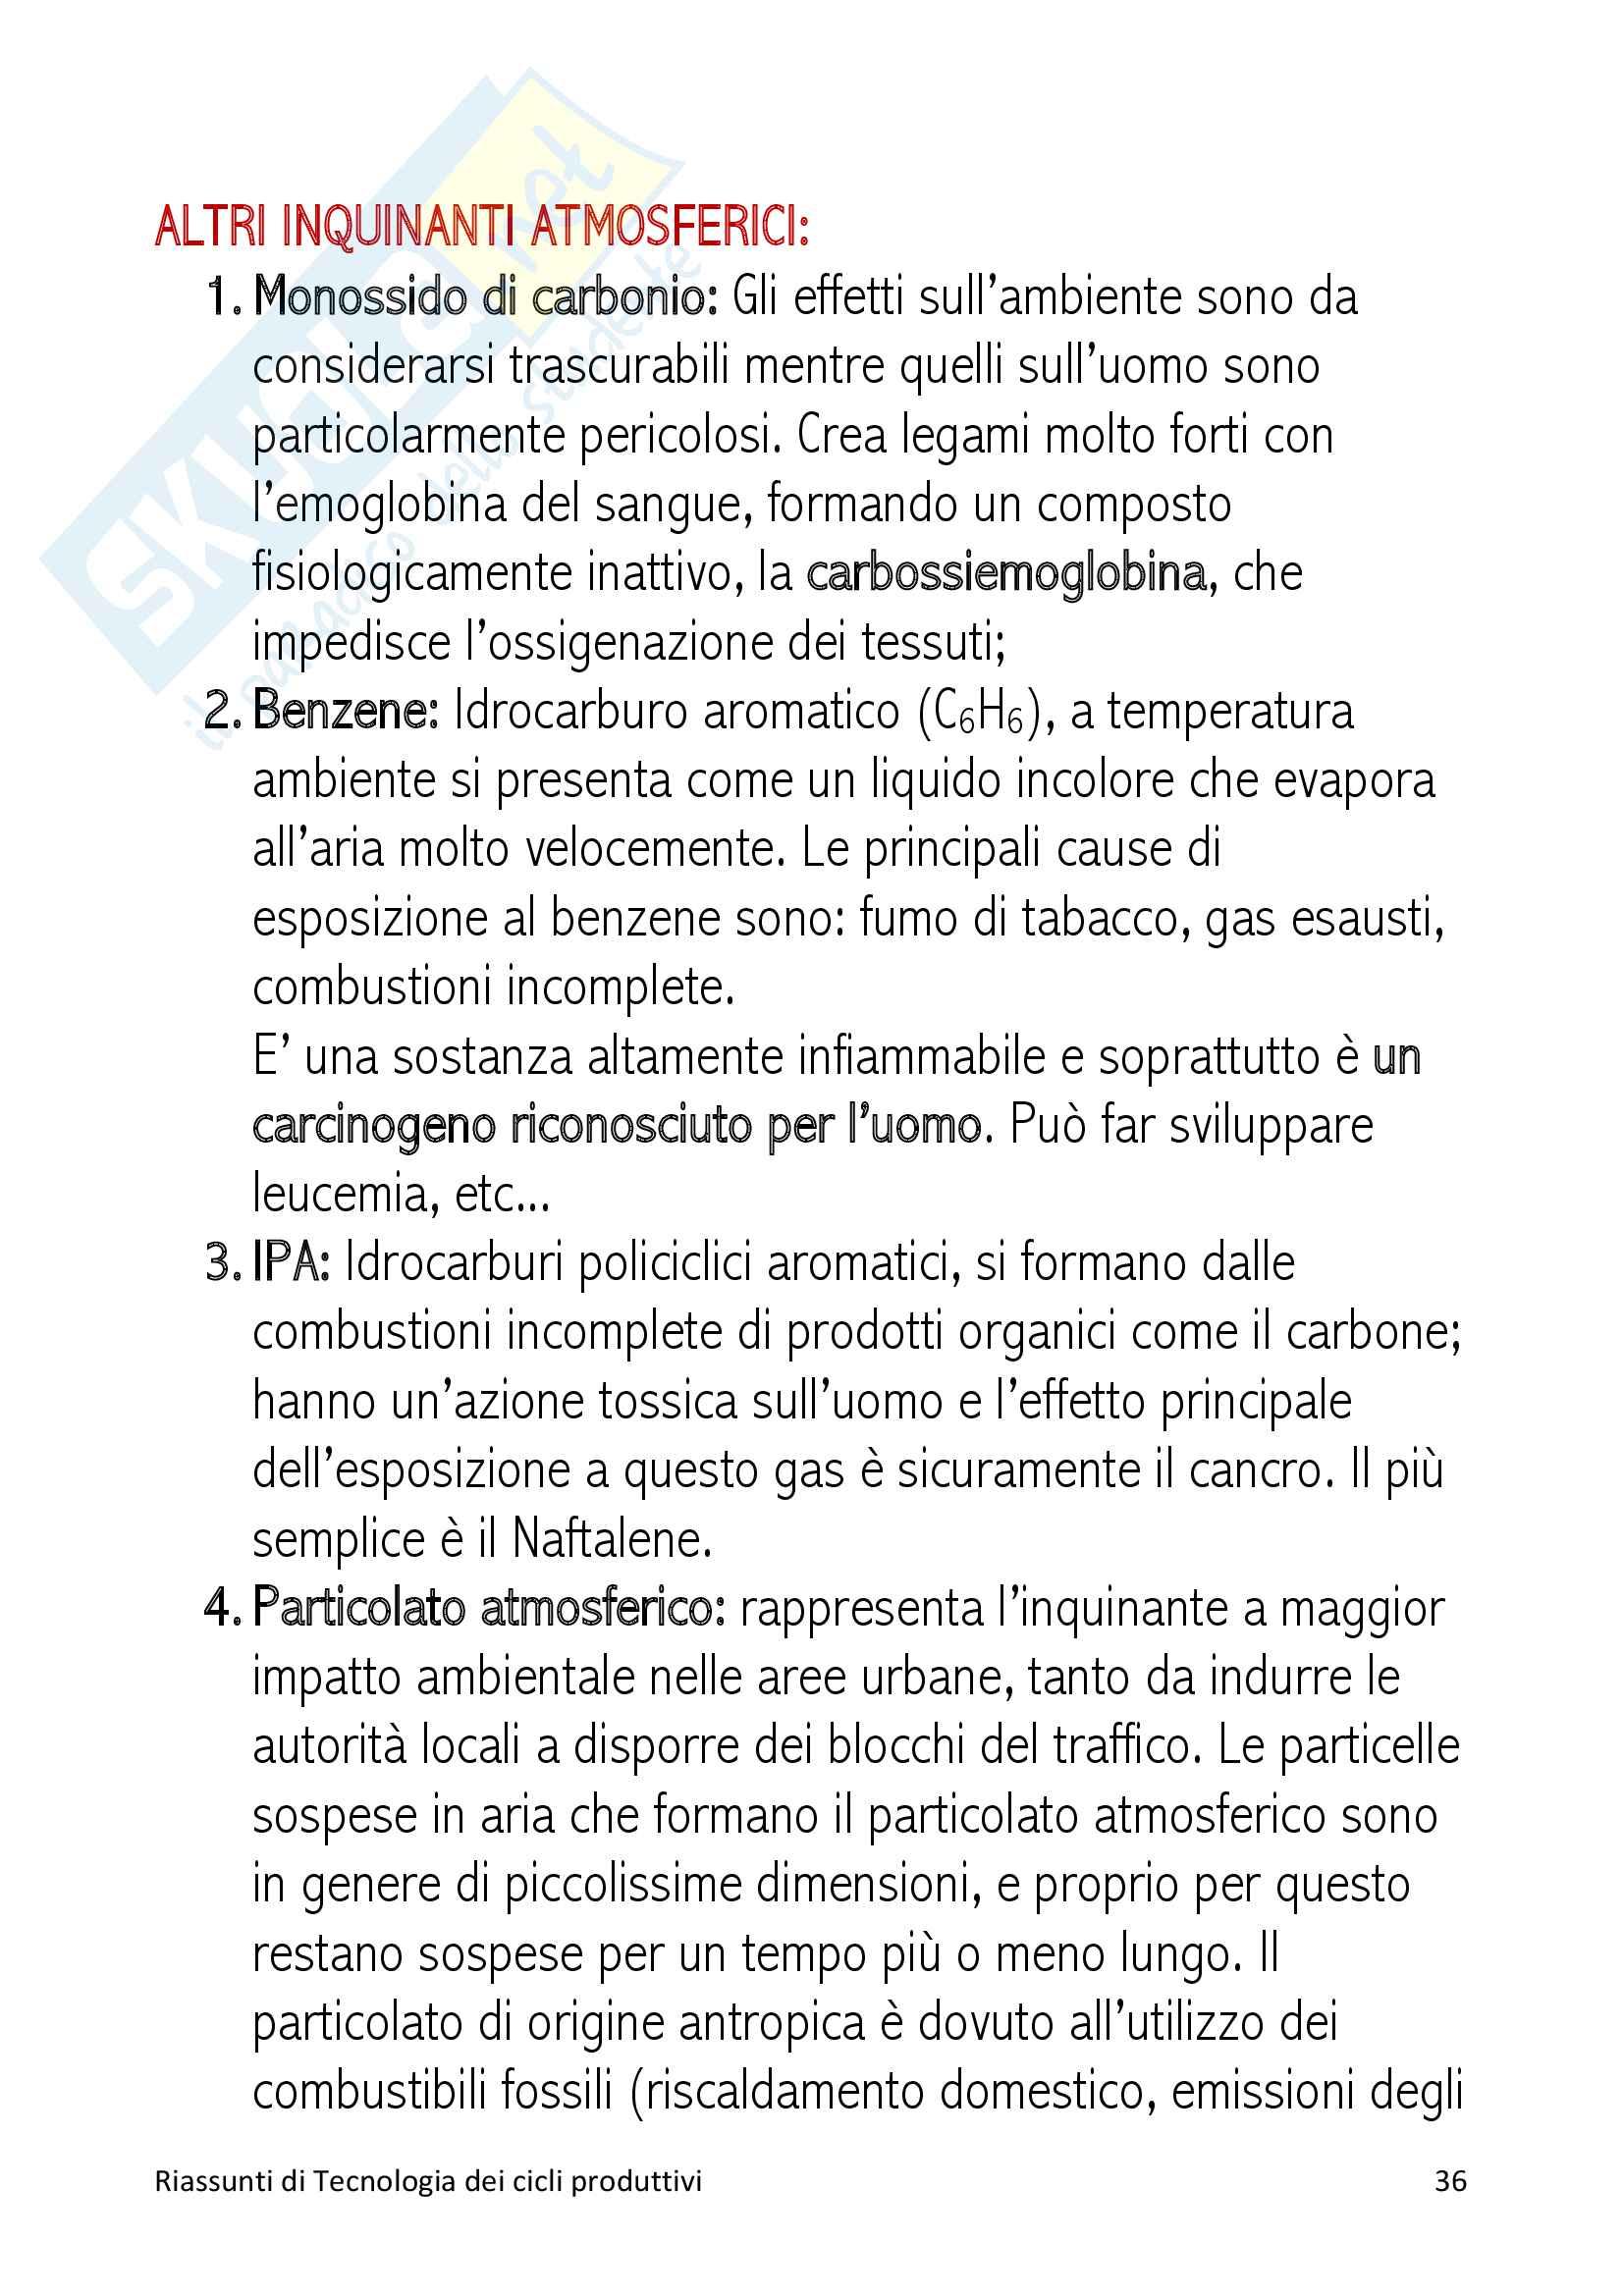 Riassunti di Cicli produttivi Pag. 36